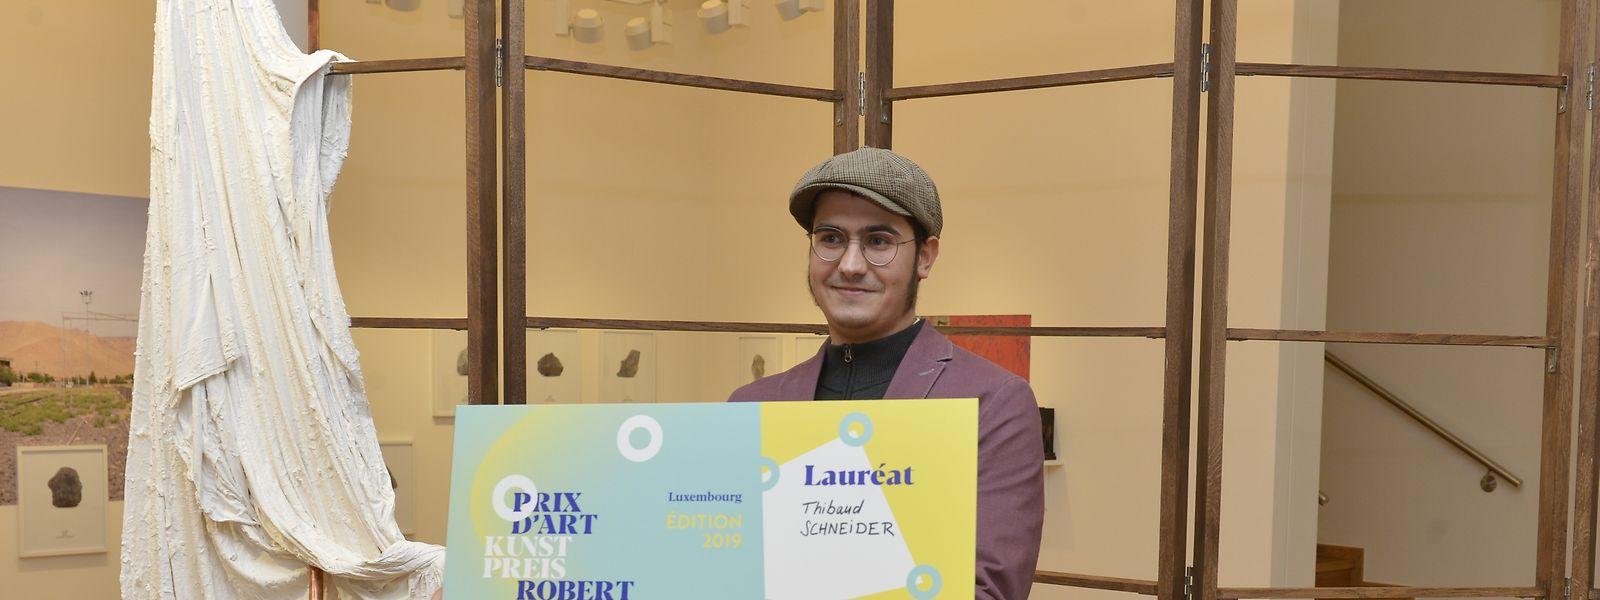 Thibaud Schneider hat den Schuman Kunstpreis des Städtenetzwerks Quattropole 2019 gewonnen.